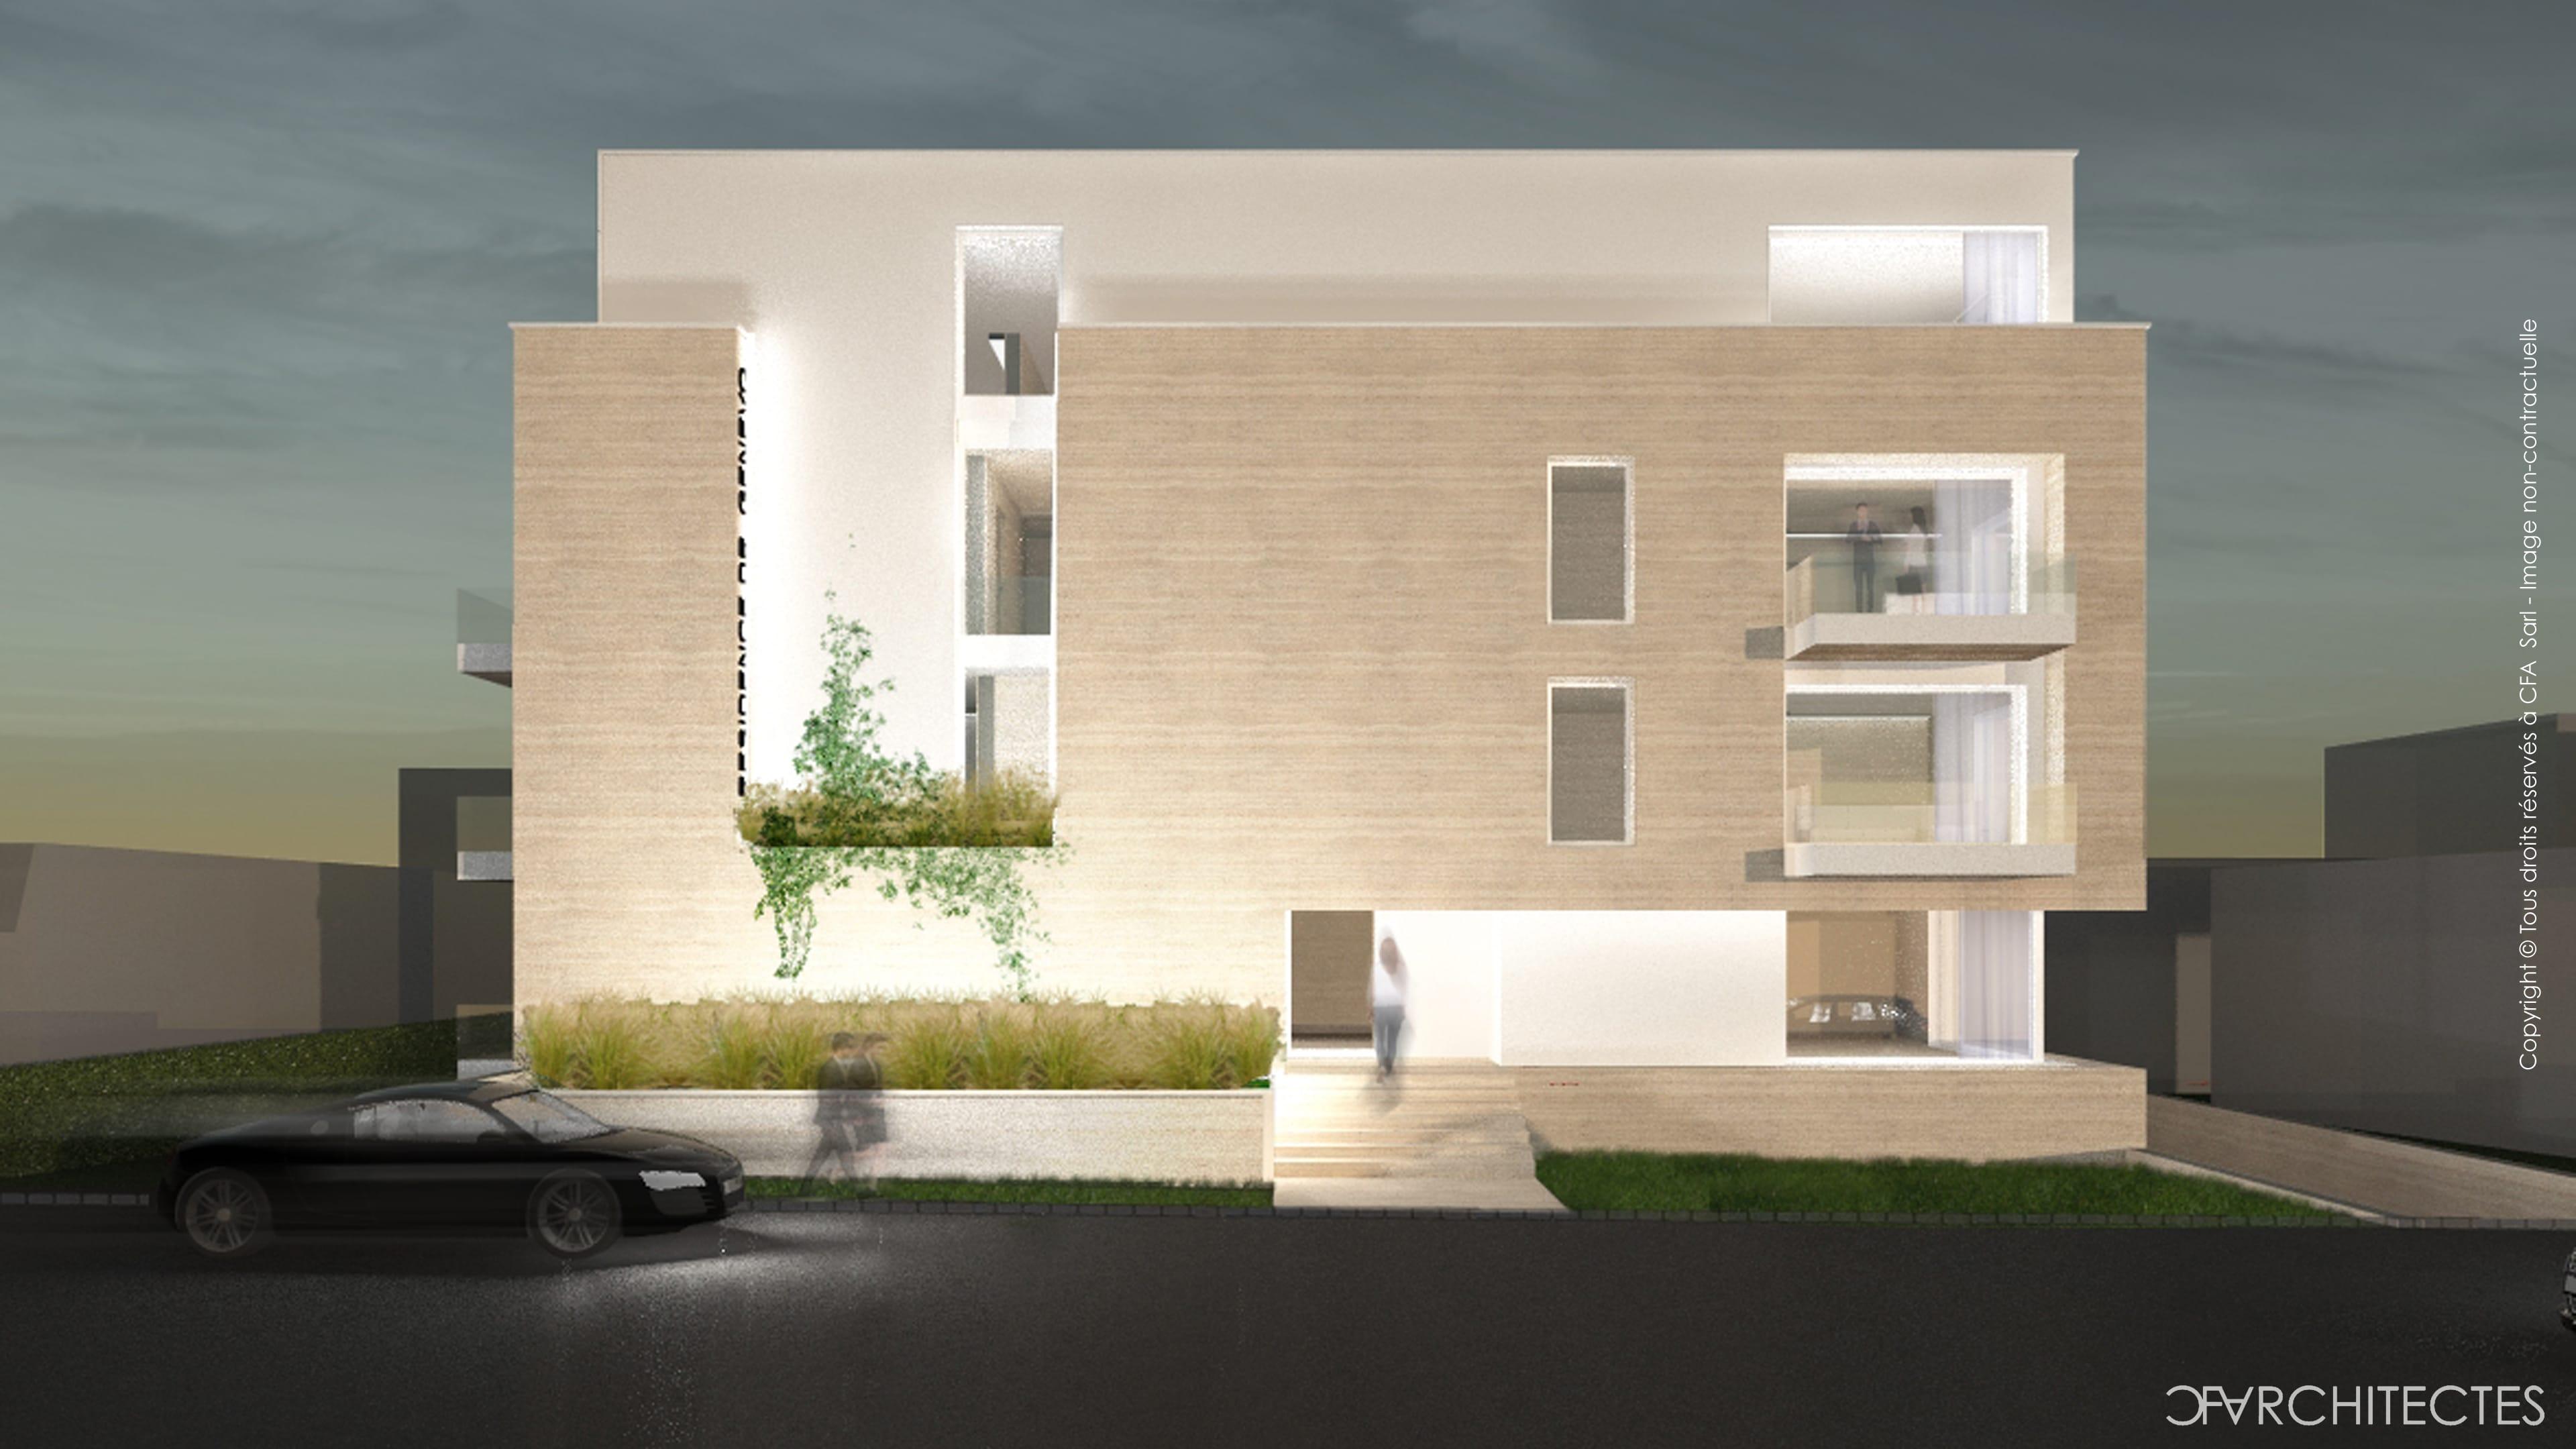 100-MERR-CFArchitectes-Résidence-Luxembourg-Archietcte-Merl-Haut-de-gamme-04